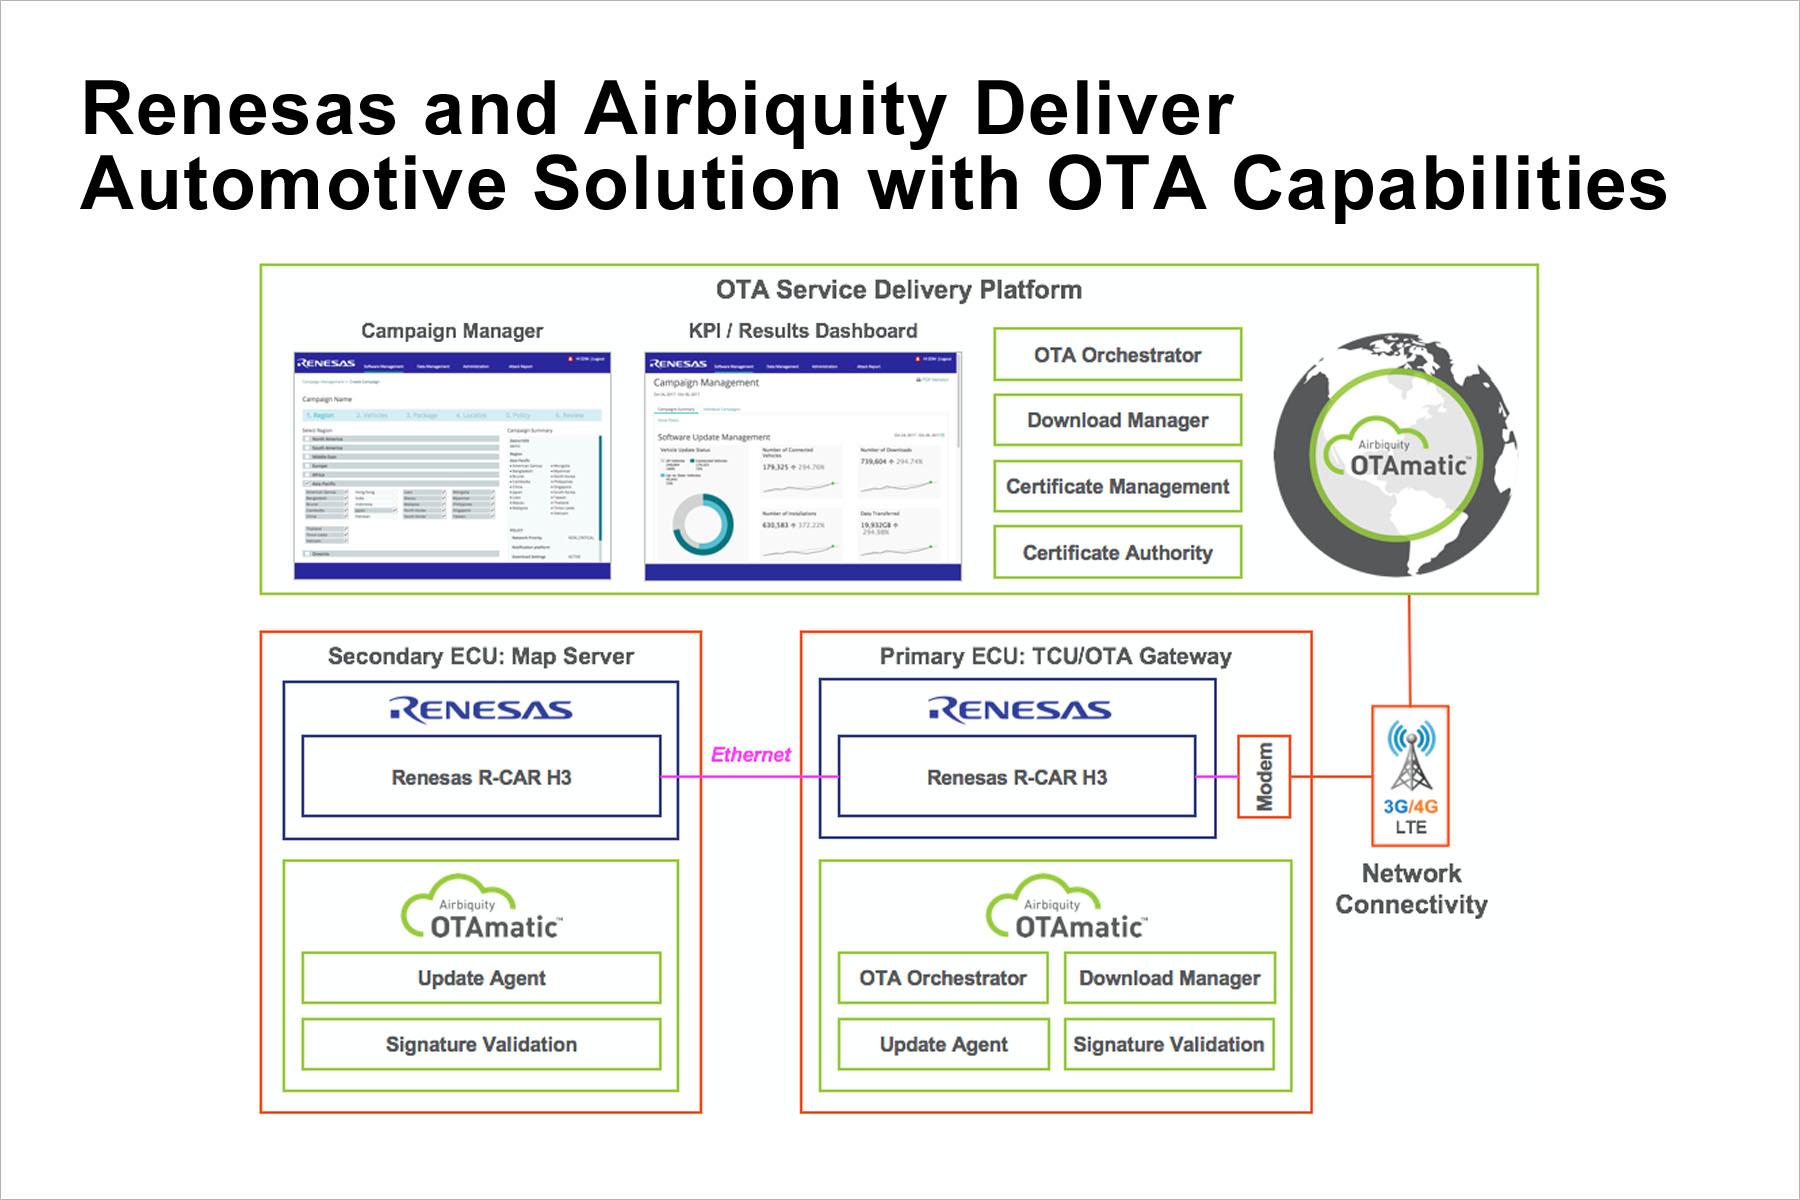 瑞萨电子与Airbiquity合作推出安全、高性能汽车解决方案, 可为自动驾驶提供无线更新功能